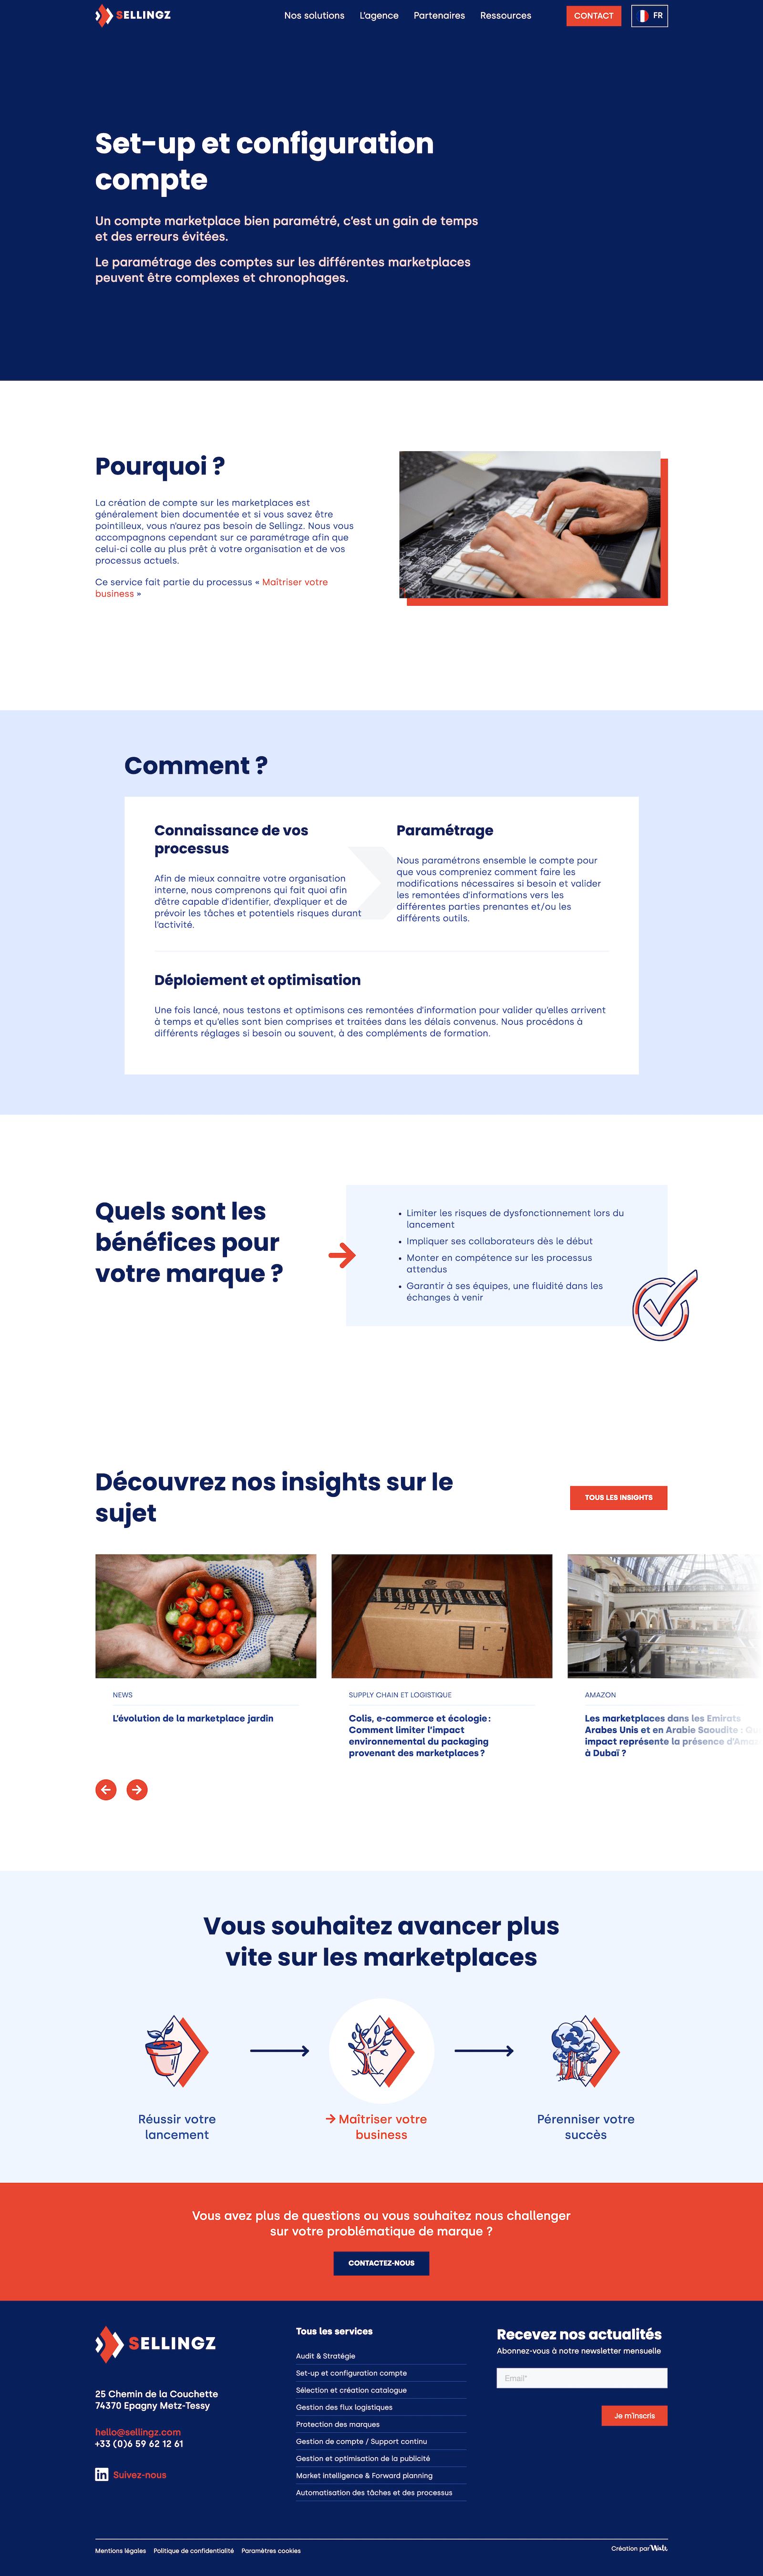 Webdesign - exemple de maquette - refonte de site web